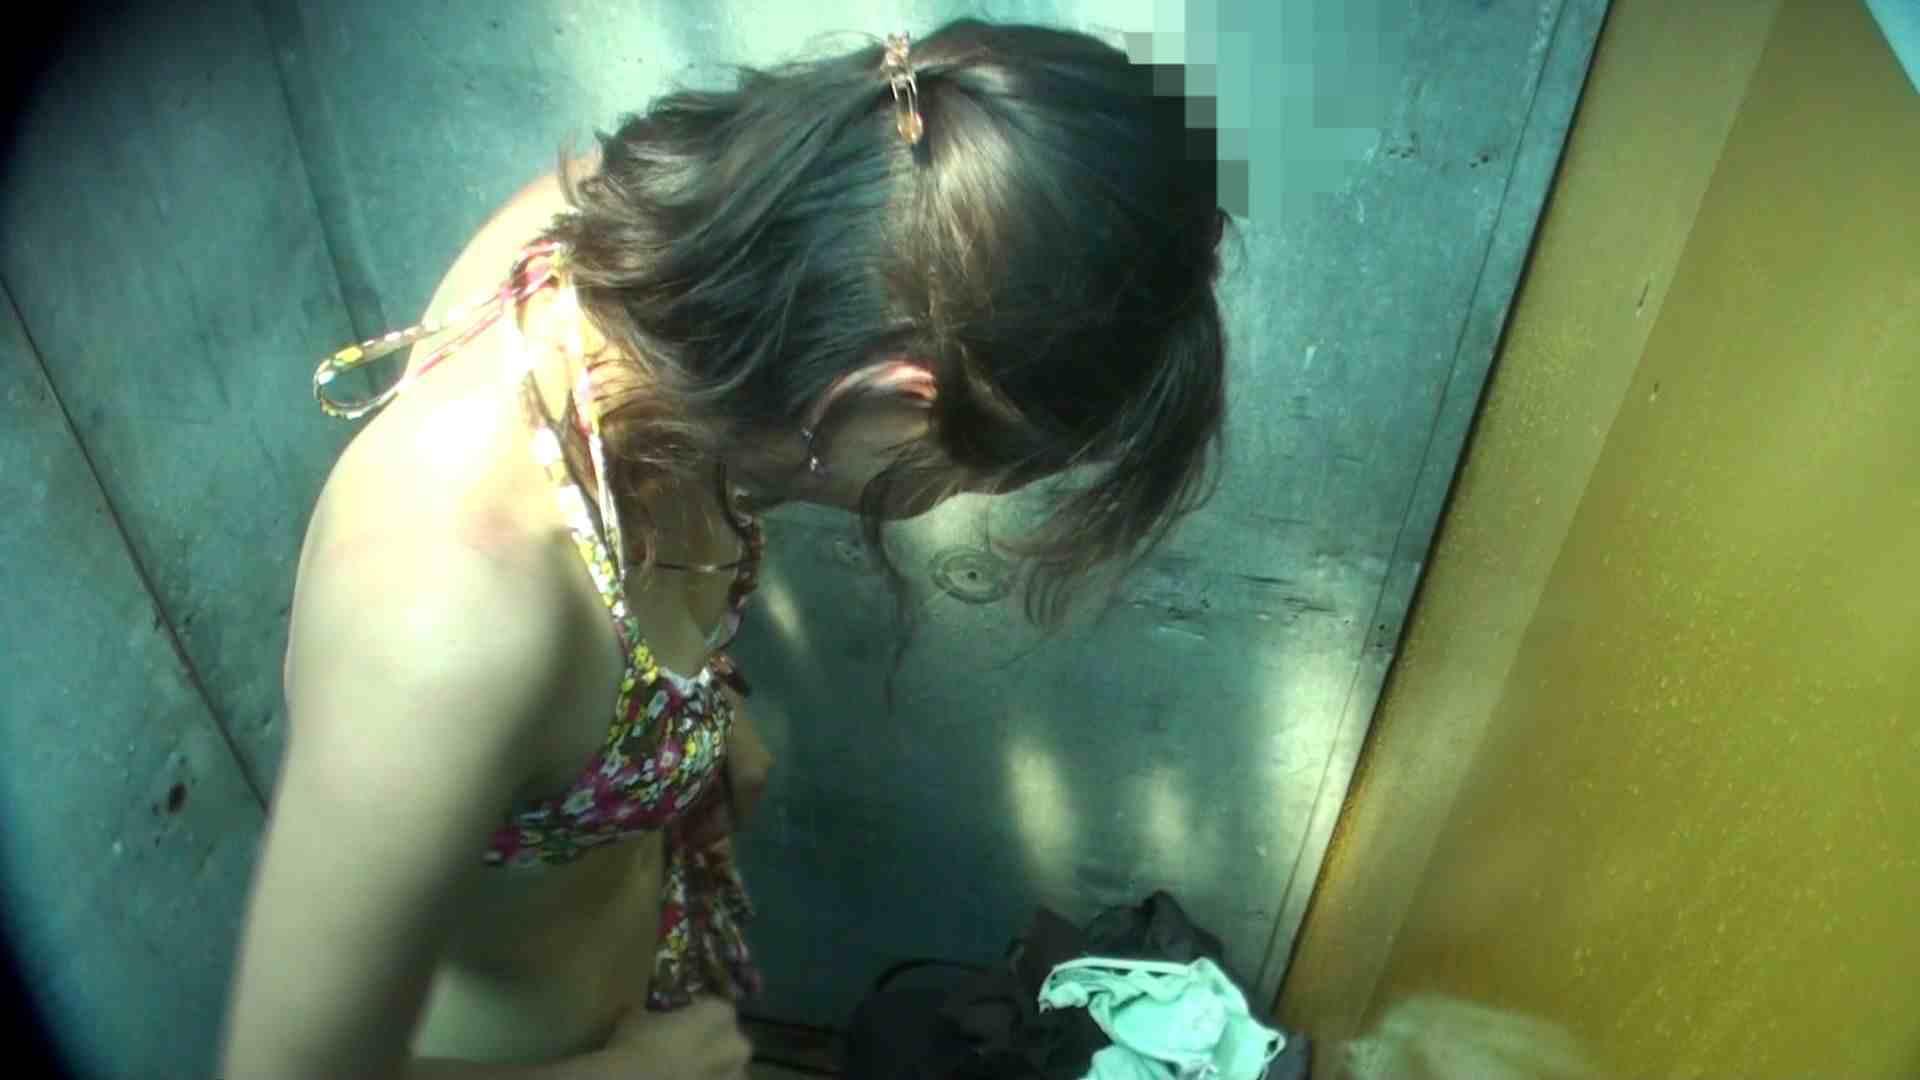 シャワールームは超!!危険な香りVol.16 意外に乳首は年増のそれ 乳首 | OLの実態  61pic 29